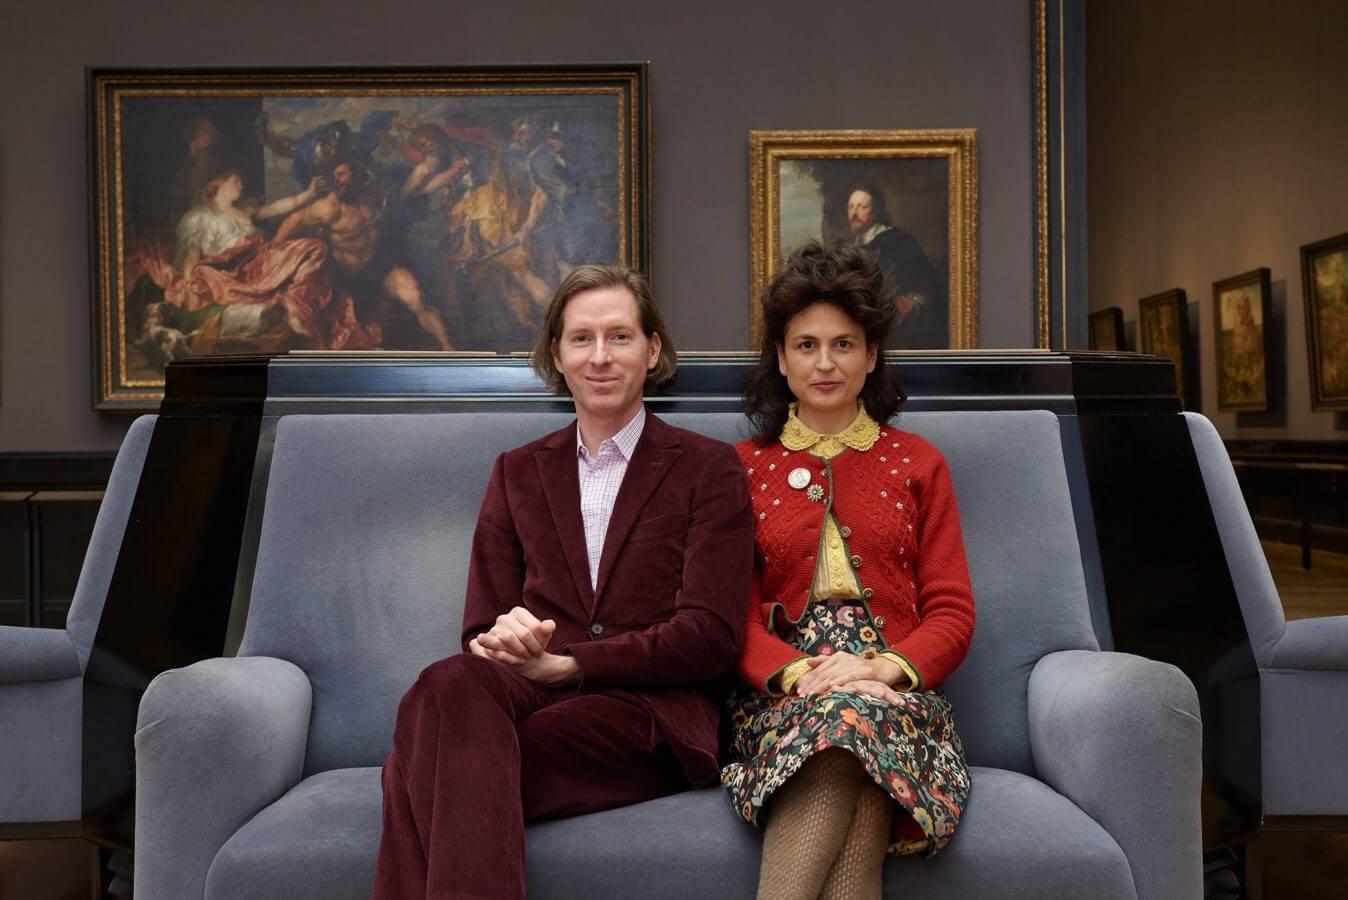 Wes Anderson y Juman Malouf sentados en un sofá dentro del Museo de Historia del Arte de Viena